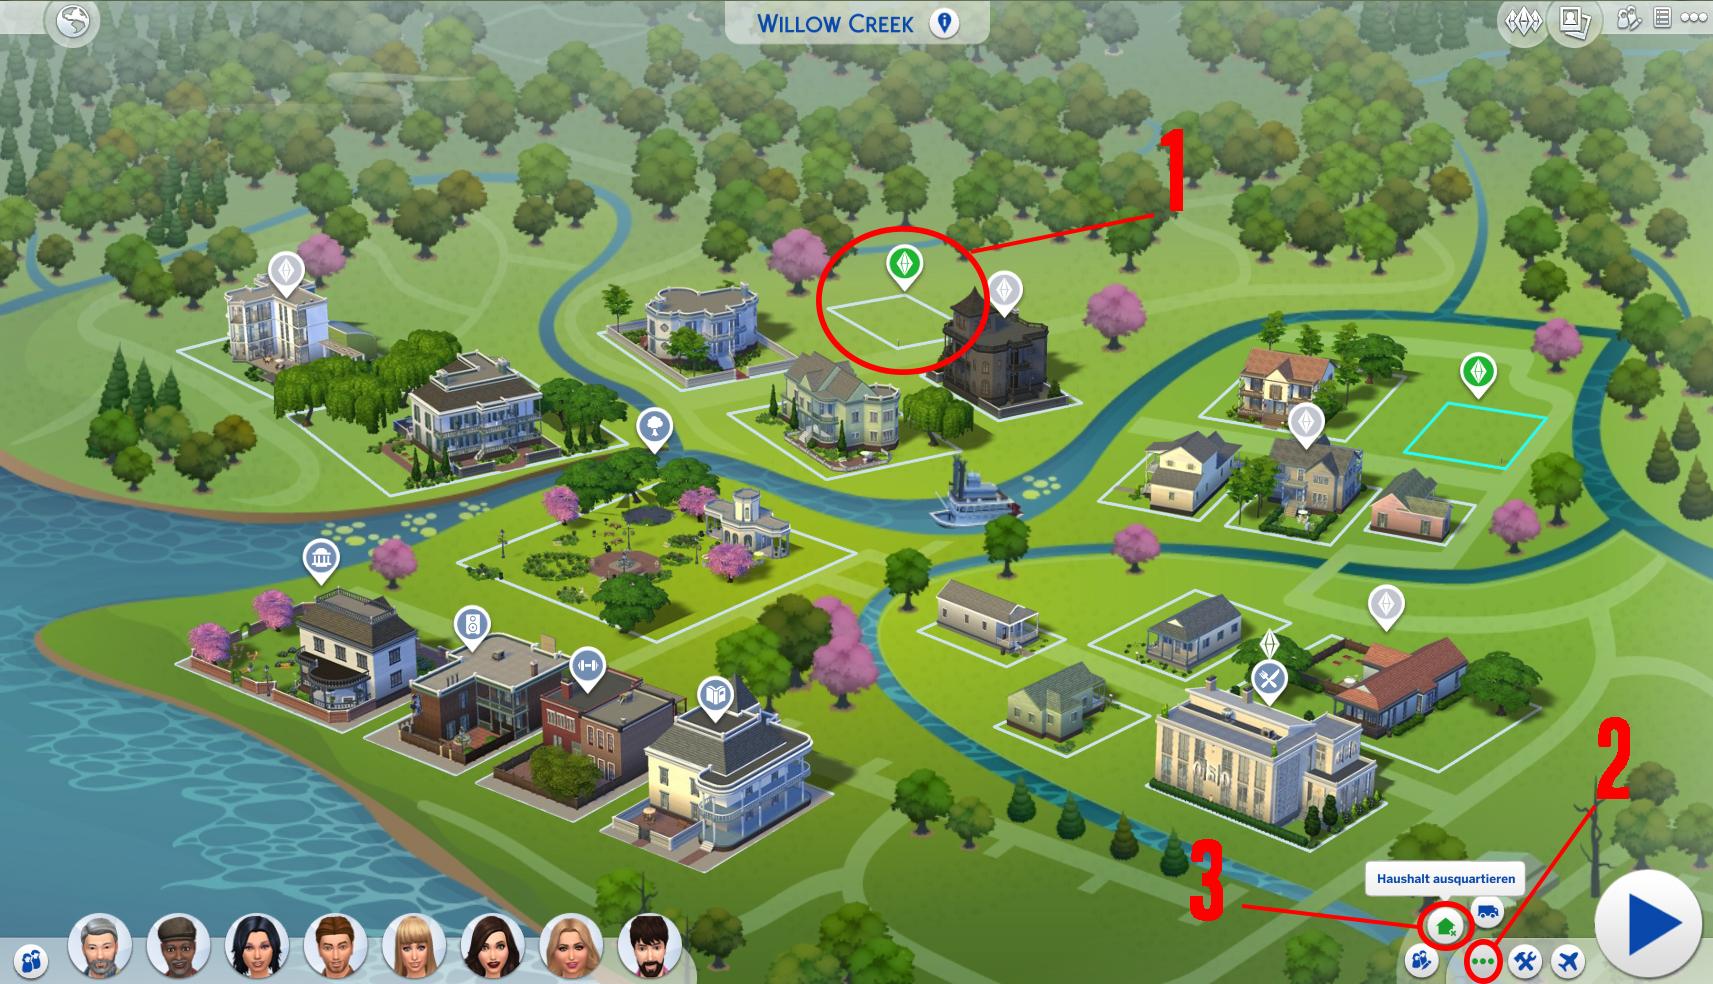 Sims 4 wie plant man eine hochzeit